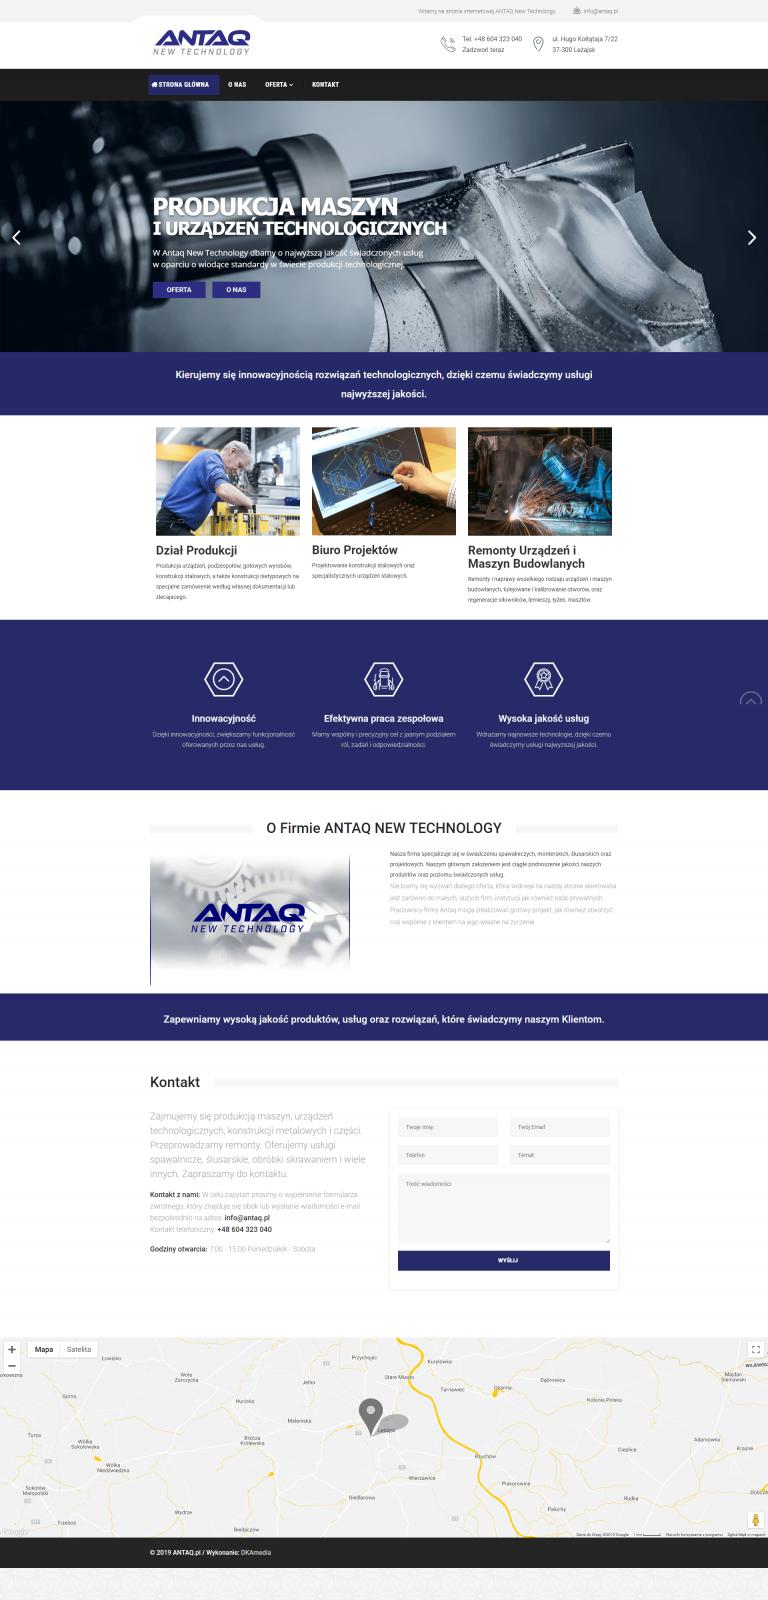 ANTAQ - produkcja nowych technologi